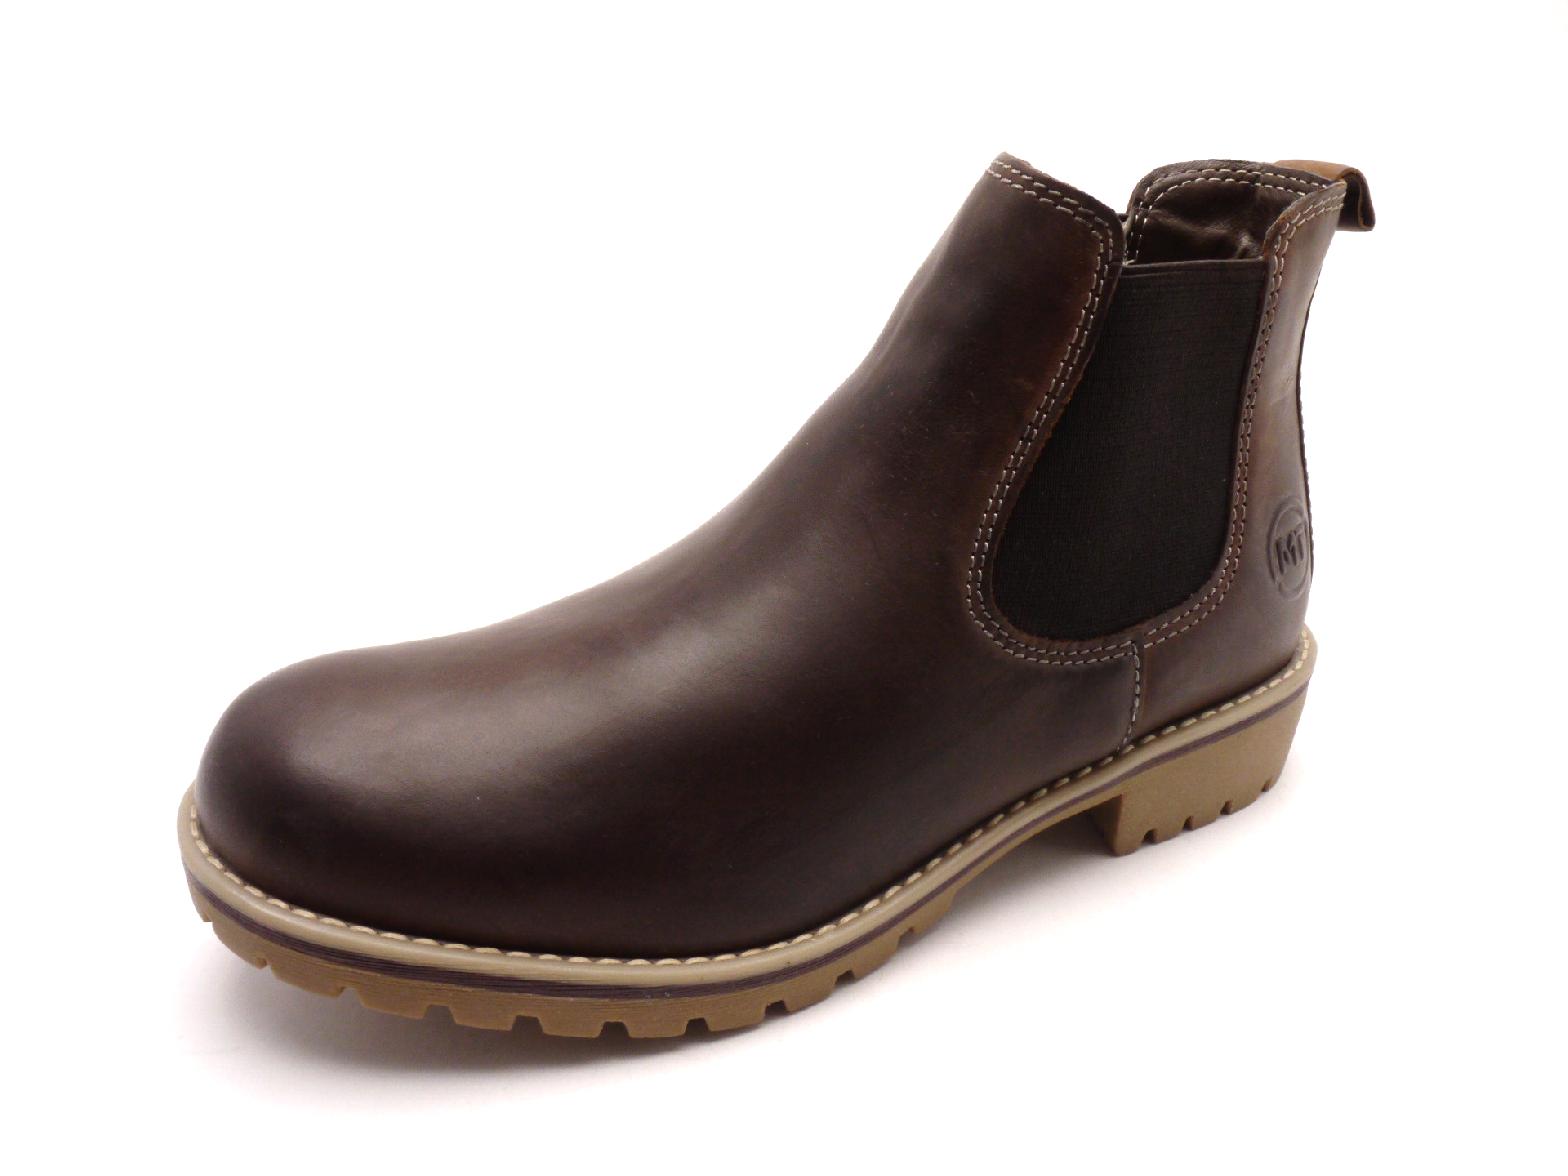 Marco Tozzi Dámská hnědá kotníková obuv 2-26461-29 Velikost: 38